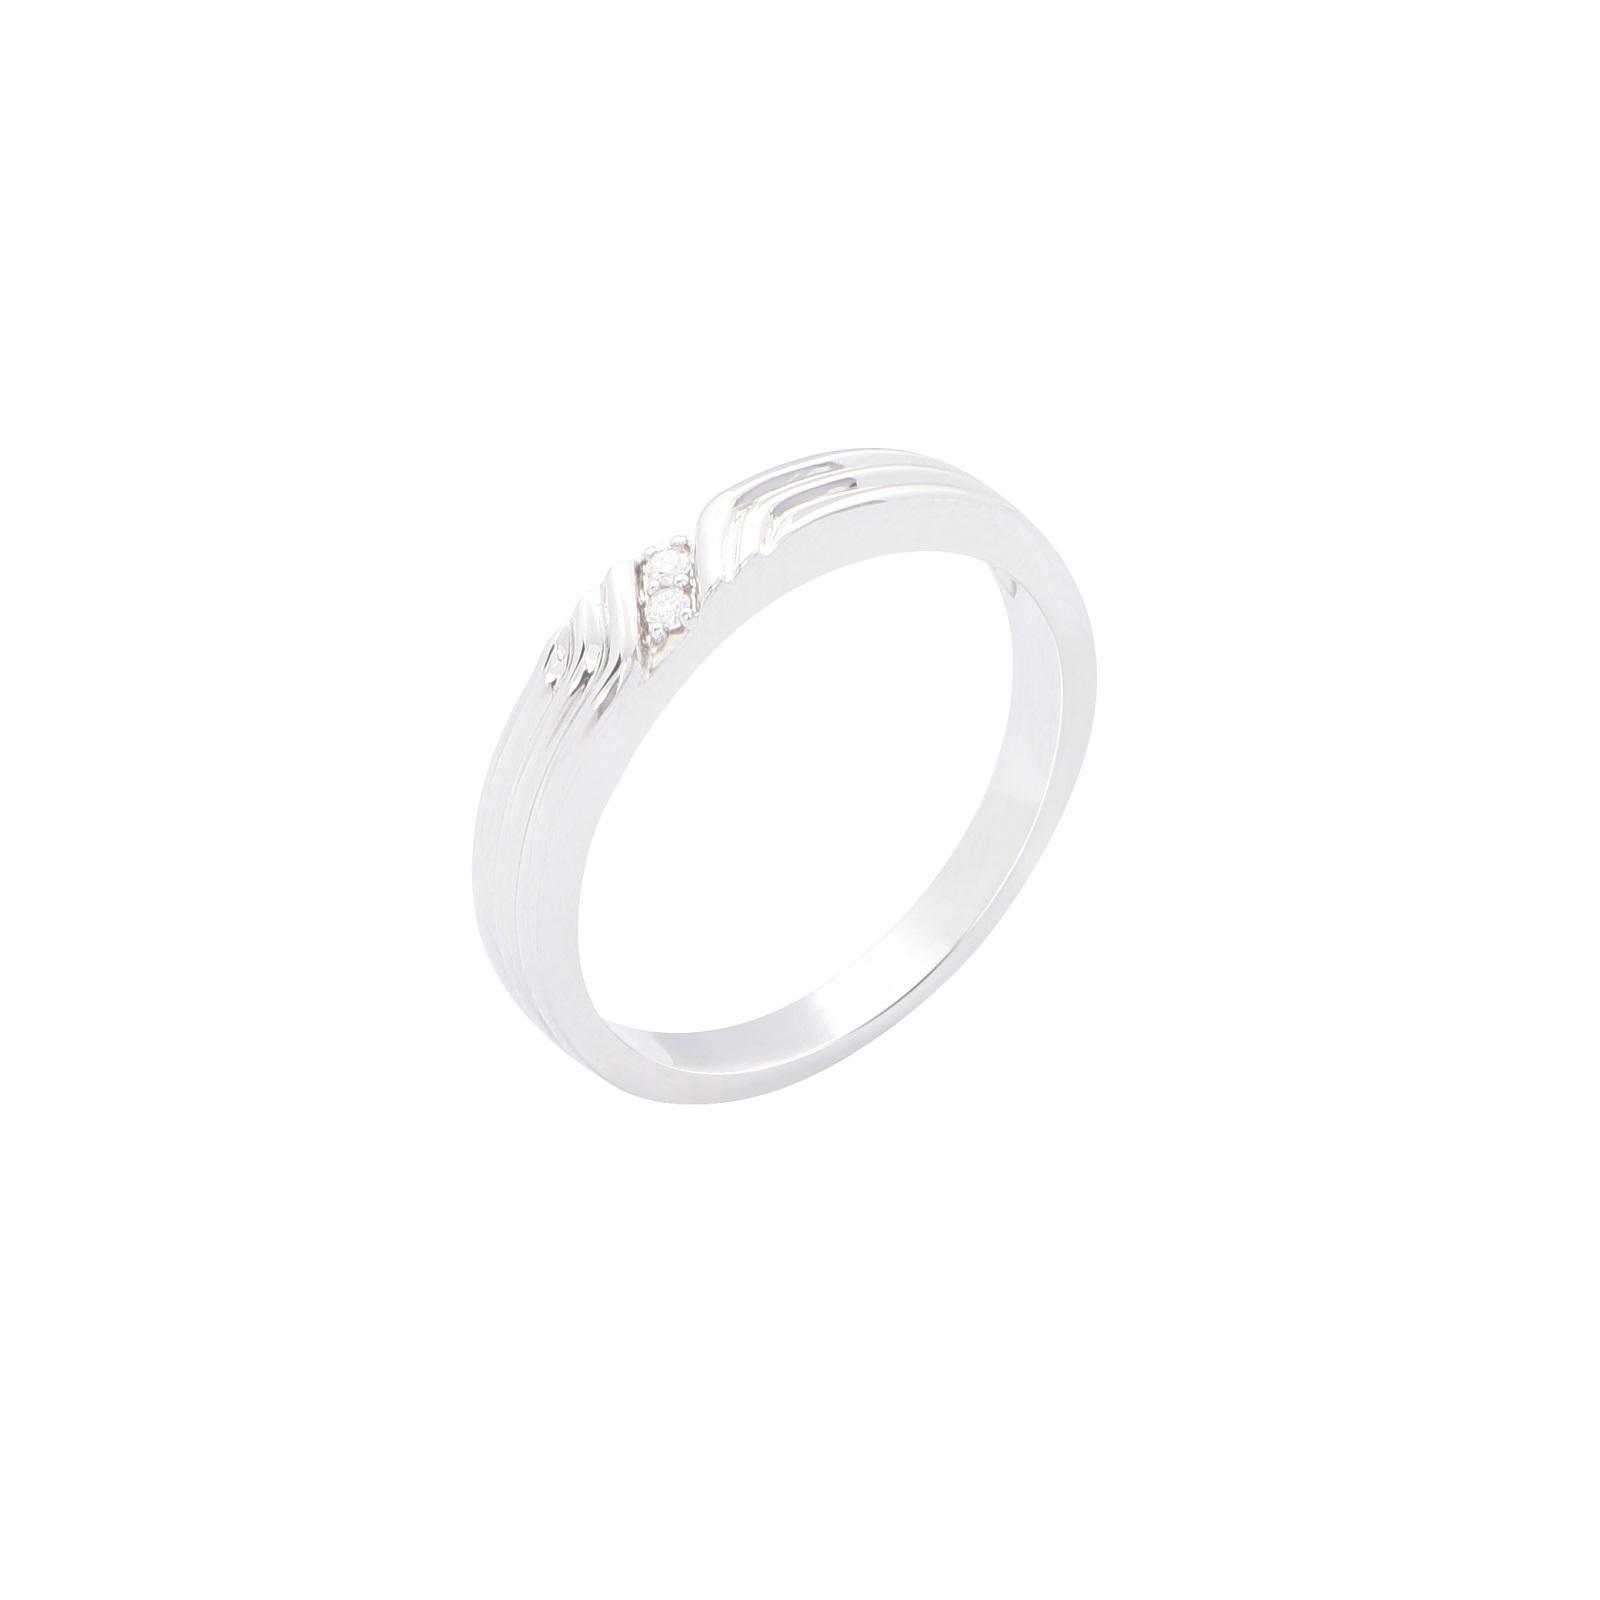 Nhẫn cưới Kim cương nữ 20Q018.2TI